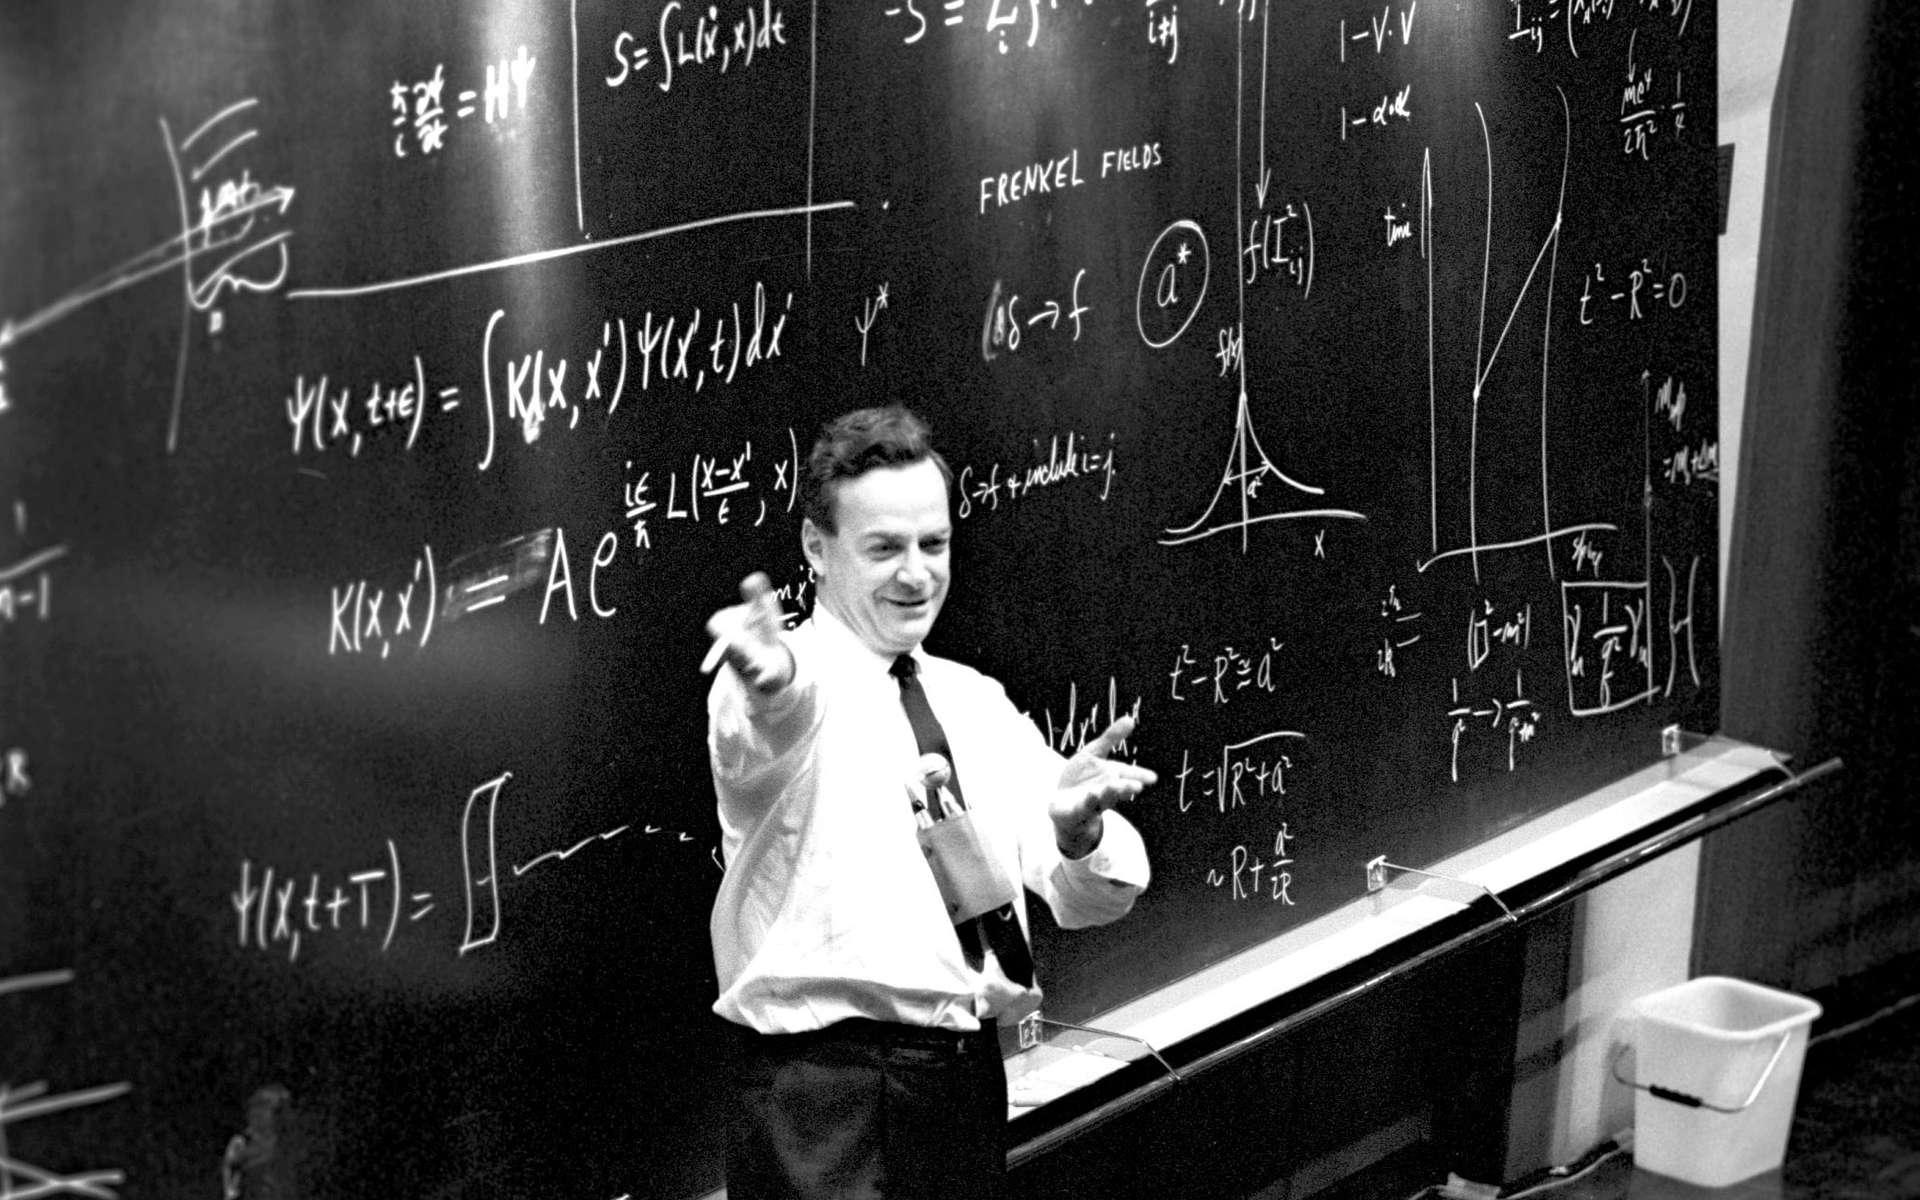 En 1965, peu après être devenu lauréat du prix Nobel de physique avec Tomonaga et Schwinger, Richard Feynman est venu faire une conférence au Cern. Au début des années 1980, il a commencé à réfléchir sur les ordinateurs quantiques et leur usage pour simuler les phénomènes physiques, comme ceux que l'on étudie au LHC. © Cern